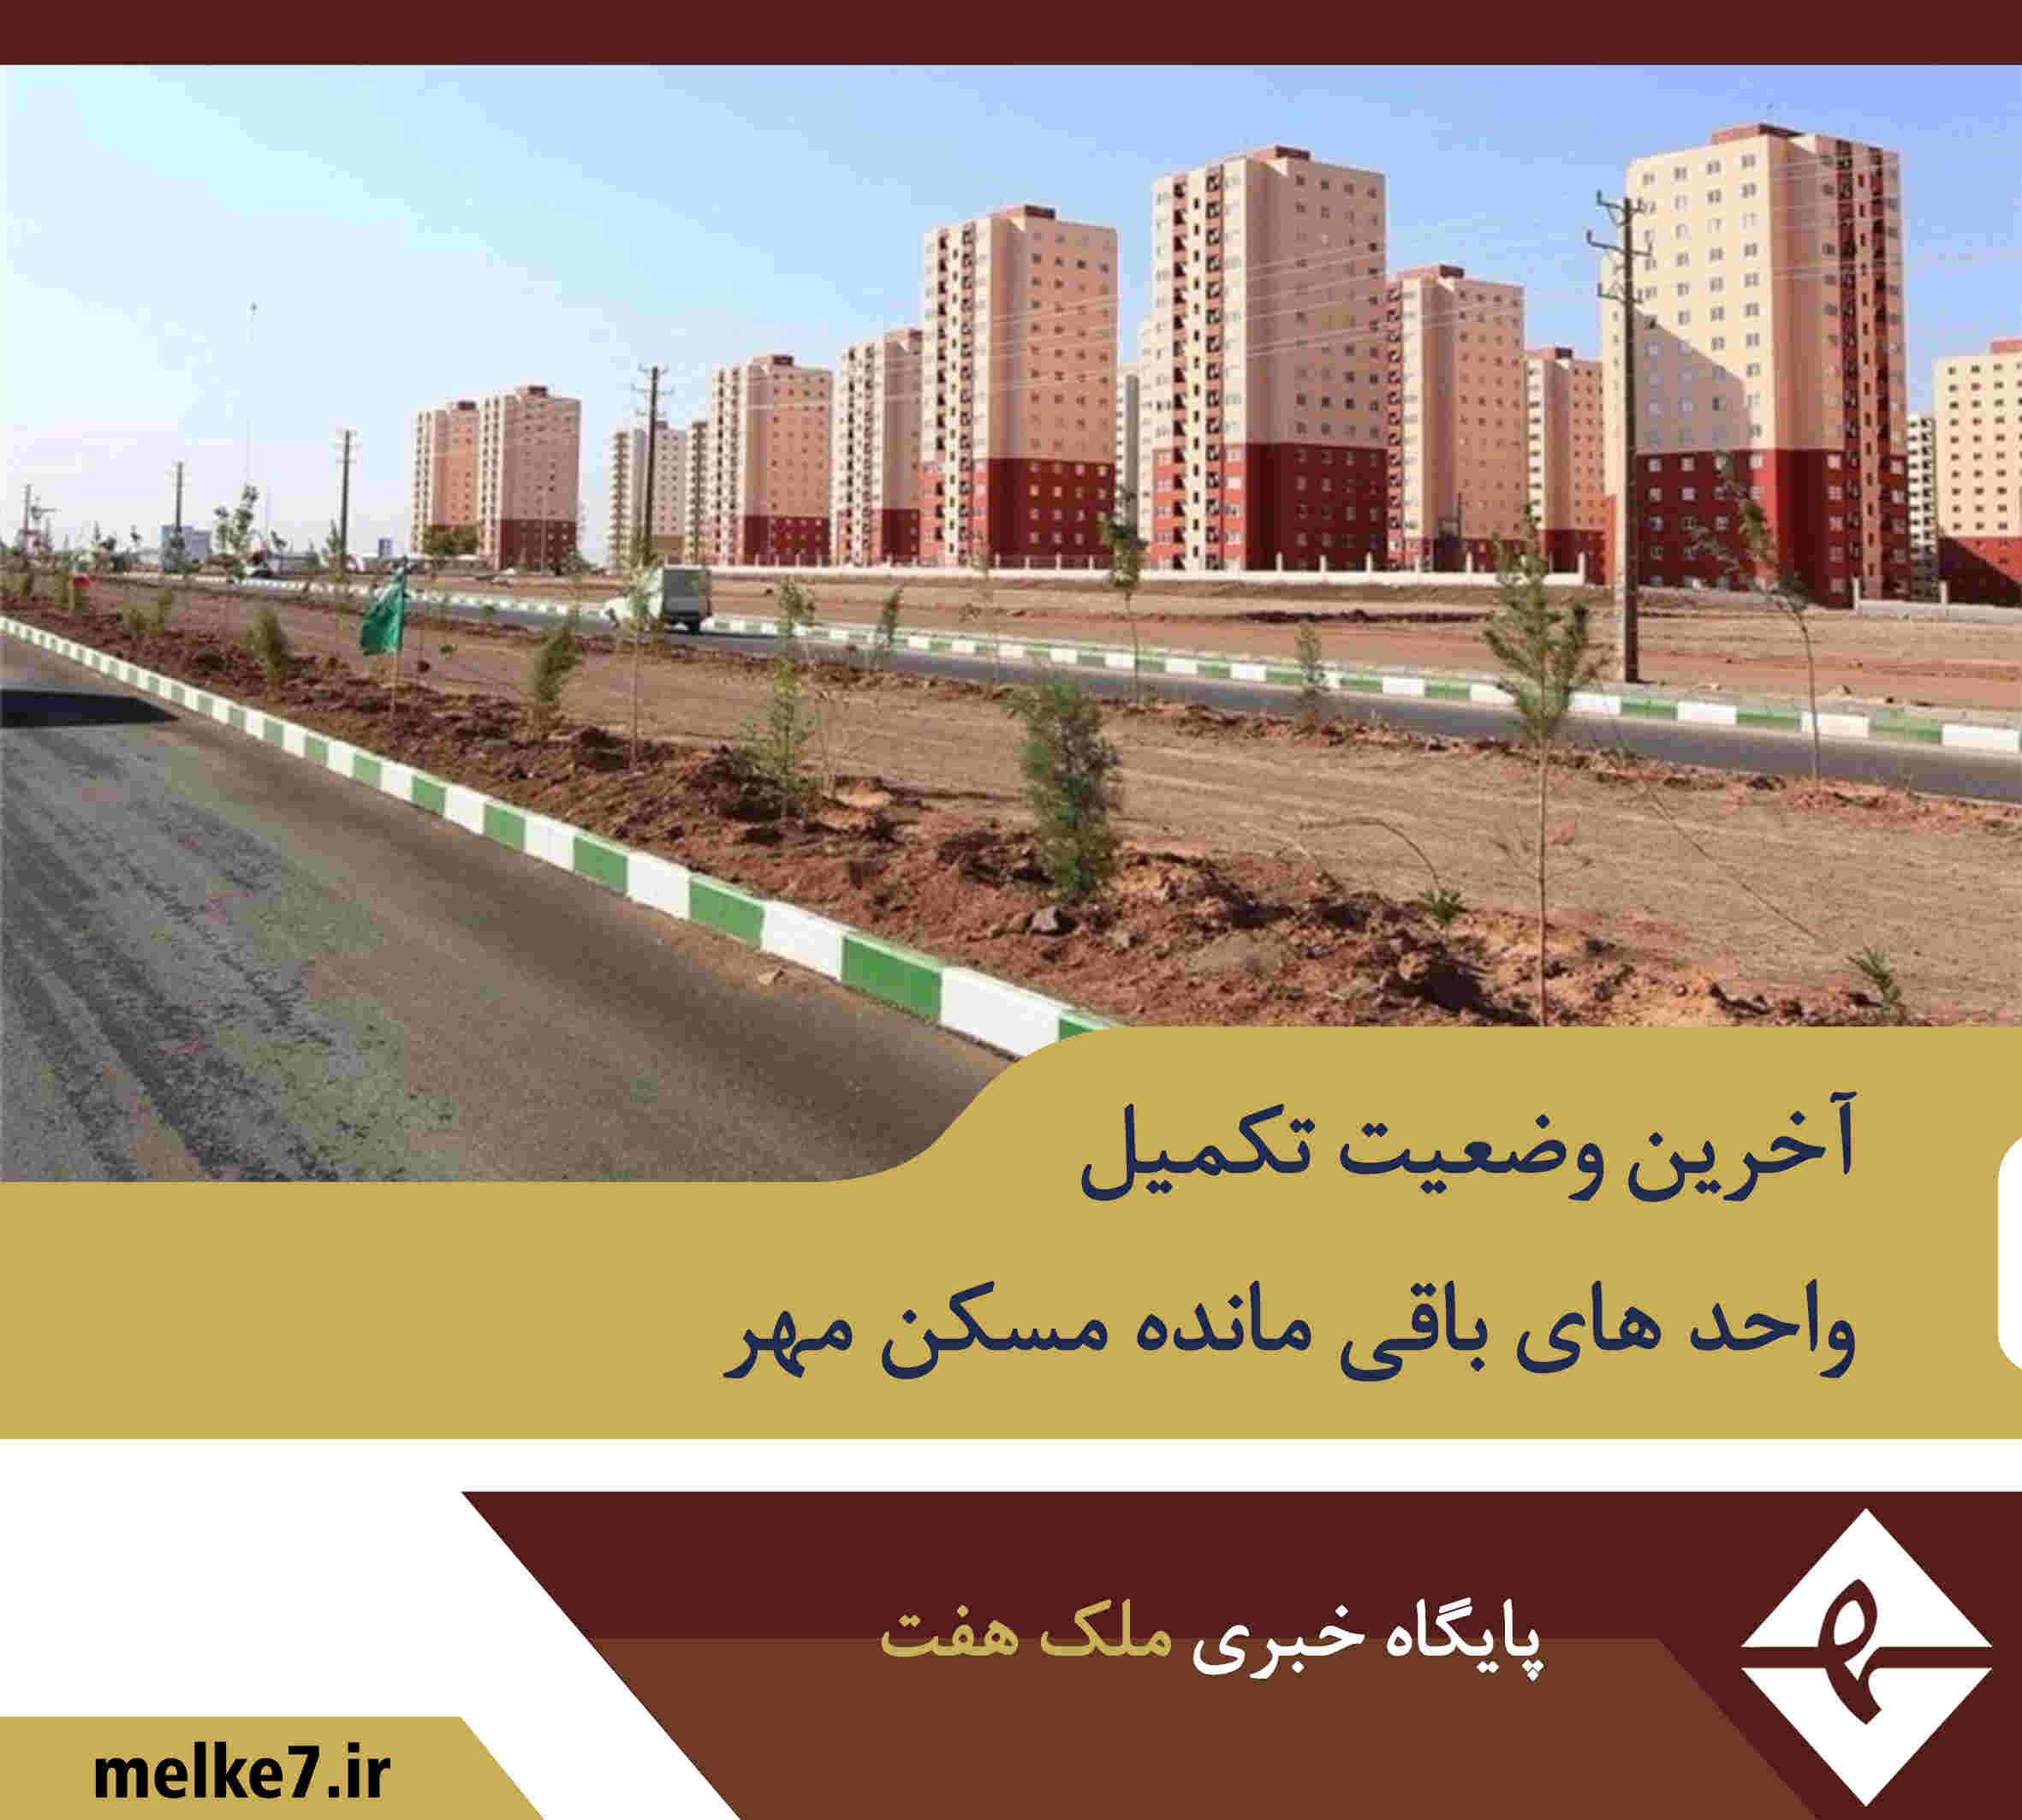 آخرین وضعیت تکمیل واحدهای باقیمانده مسکن مهر